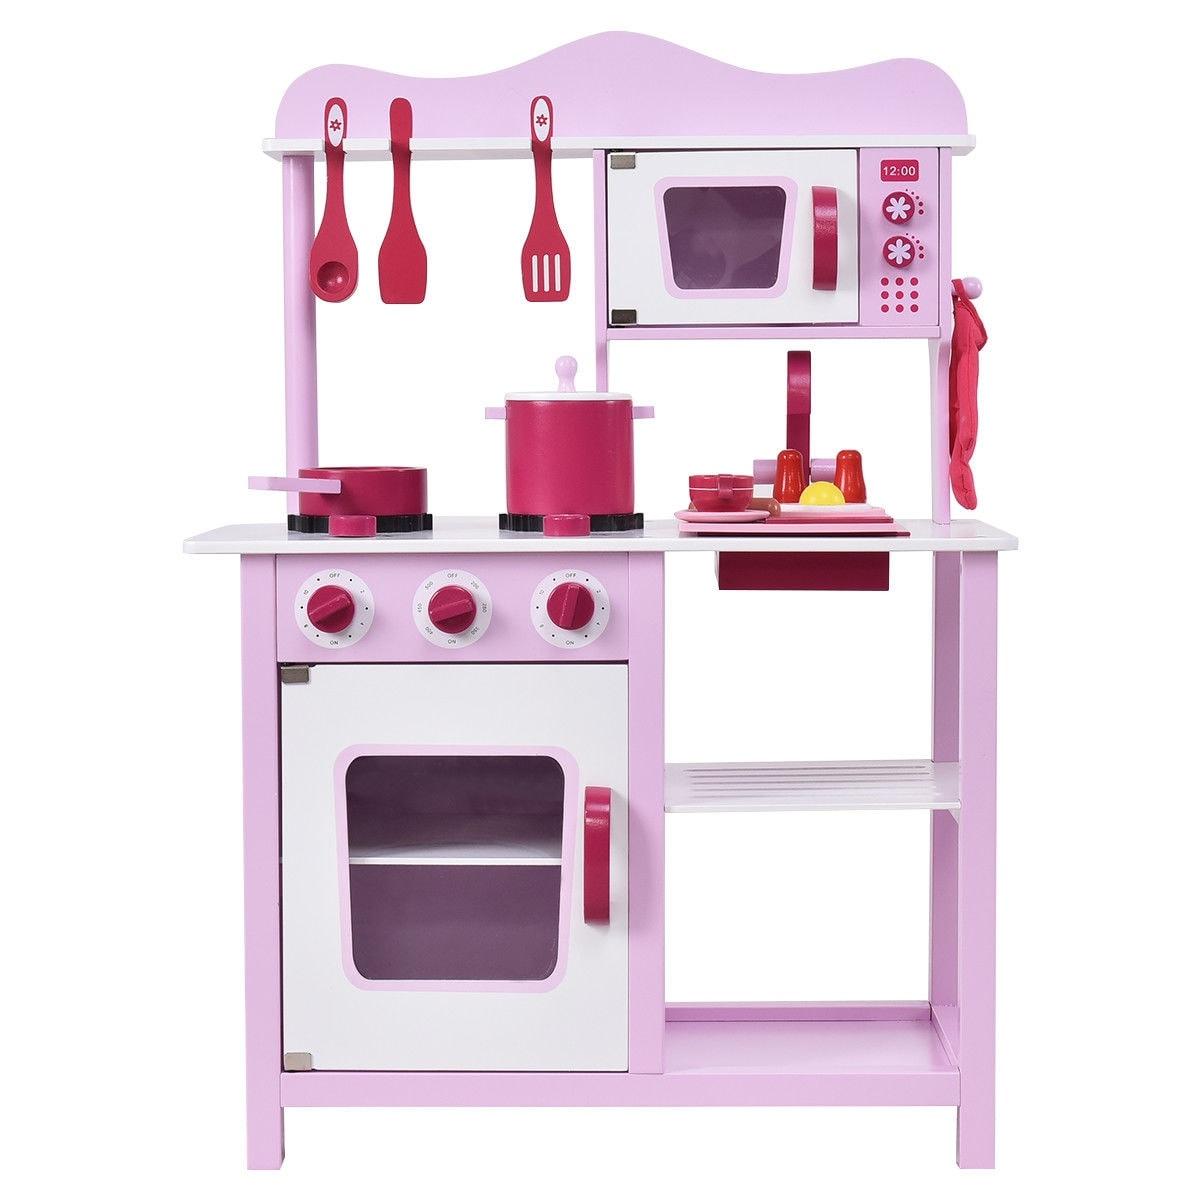 Costway Wooden Kitchen Toy Playset Kids Children Cooking Pretend ...